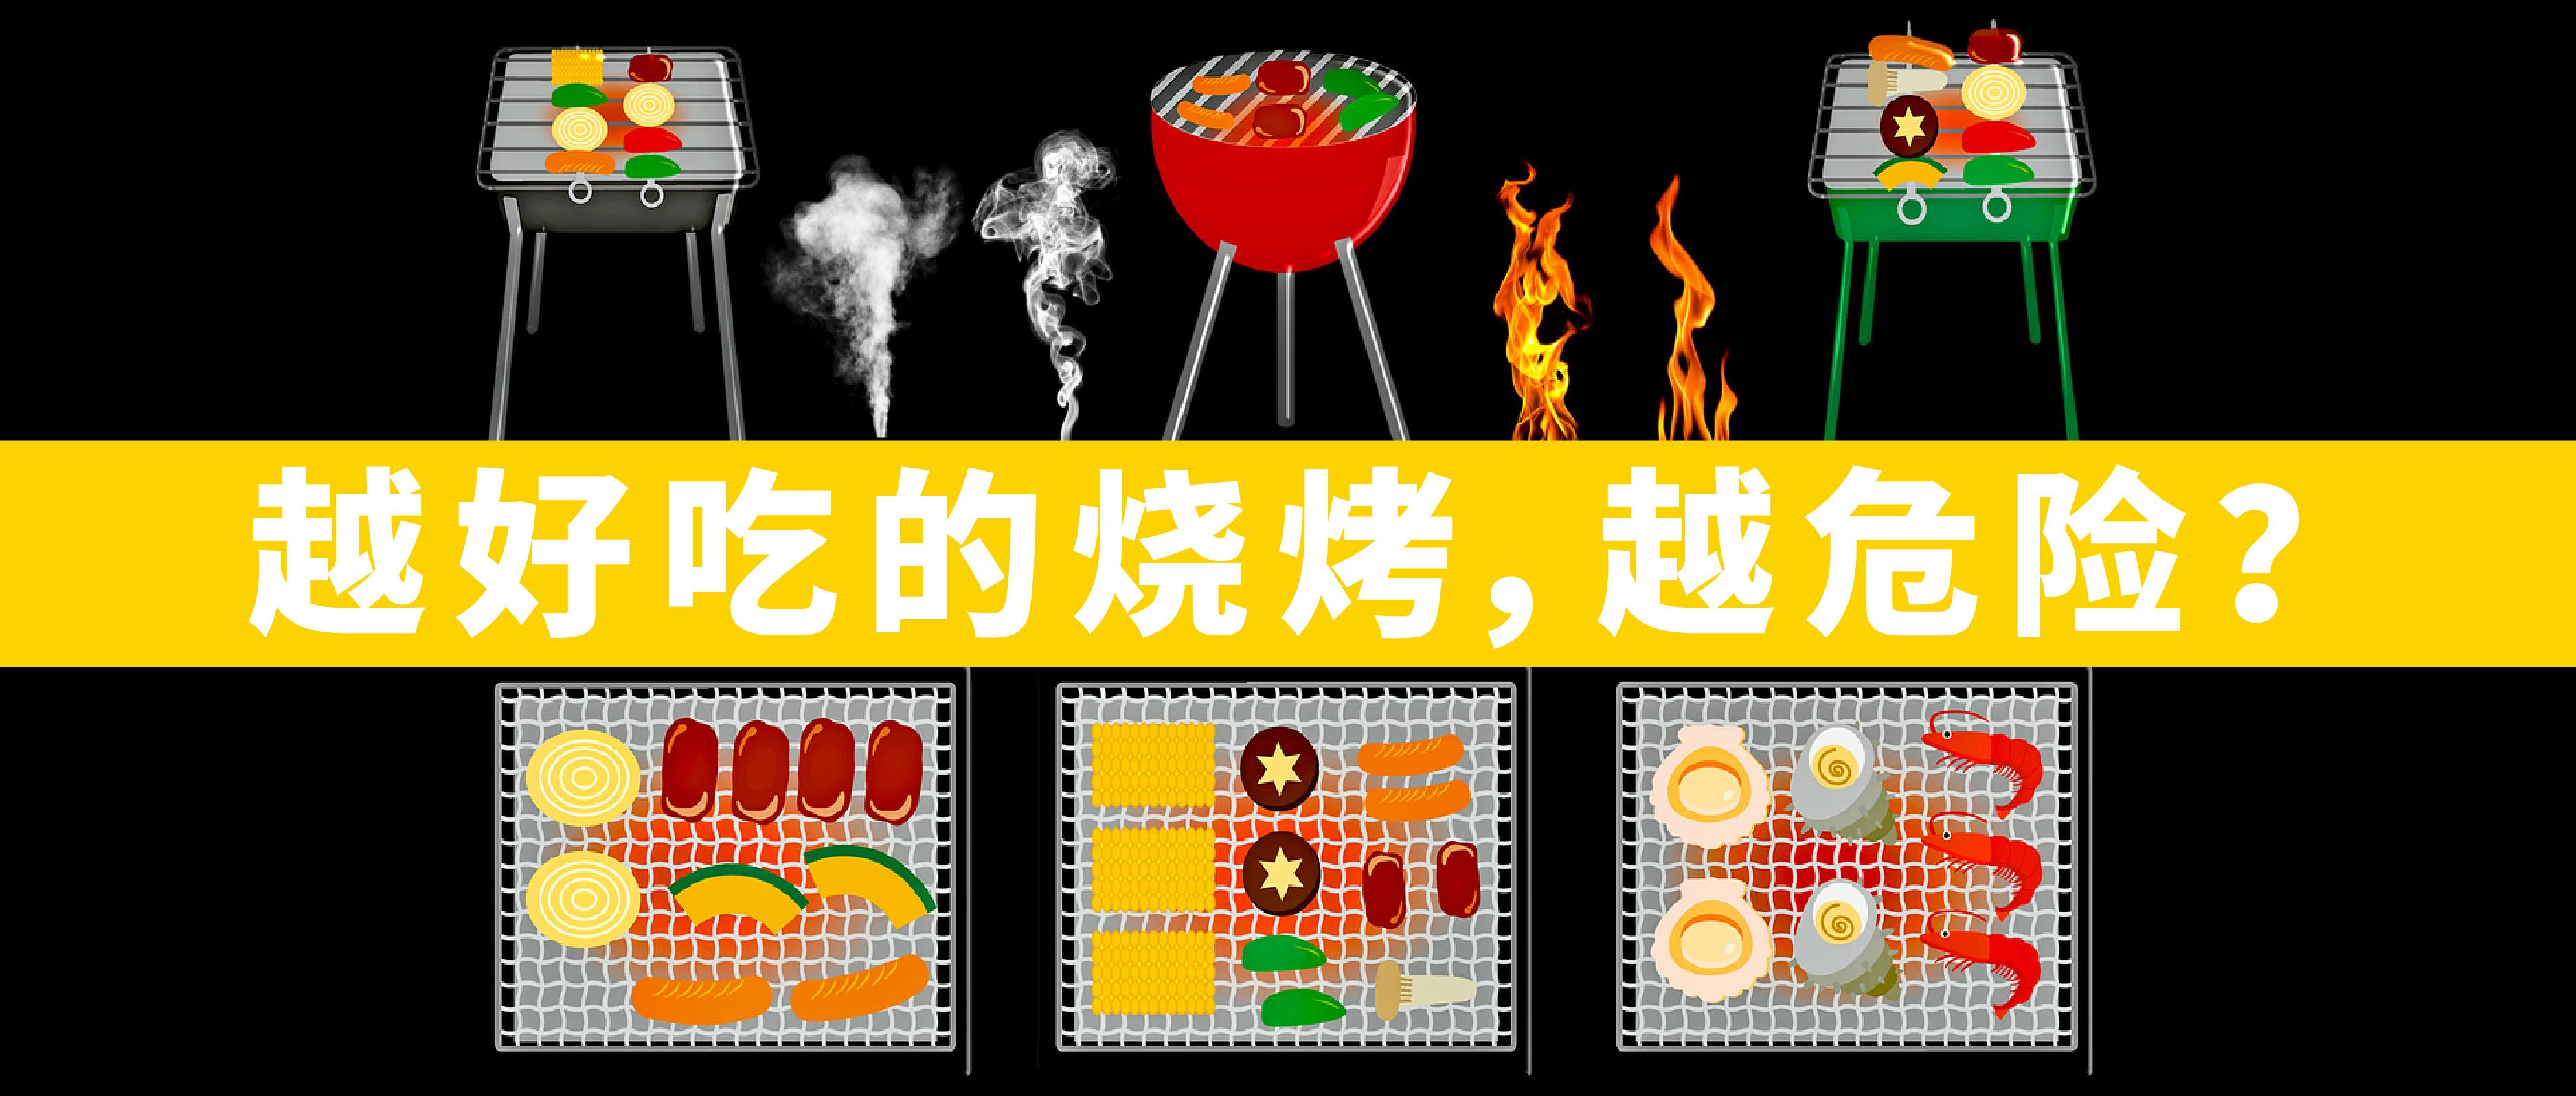 越好吃的烧烤,越危险?